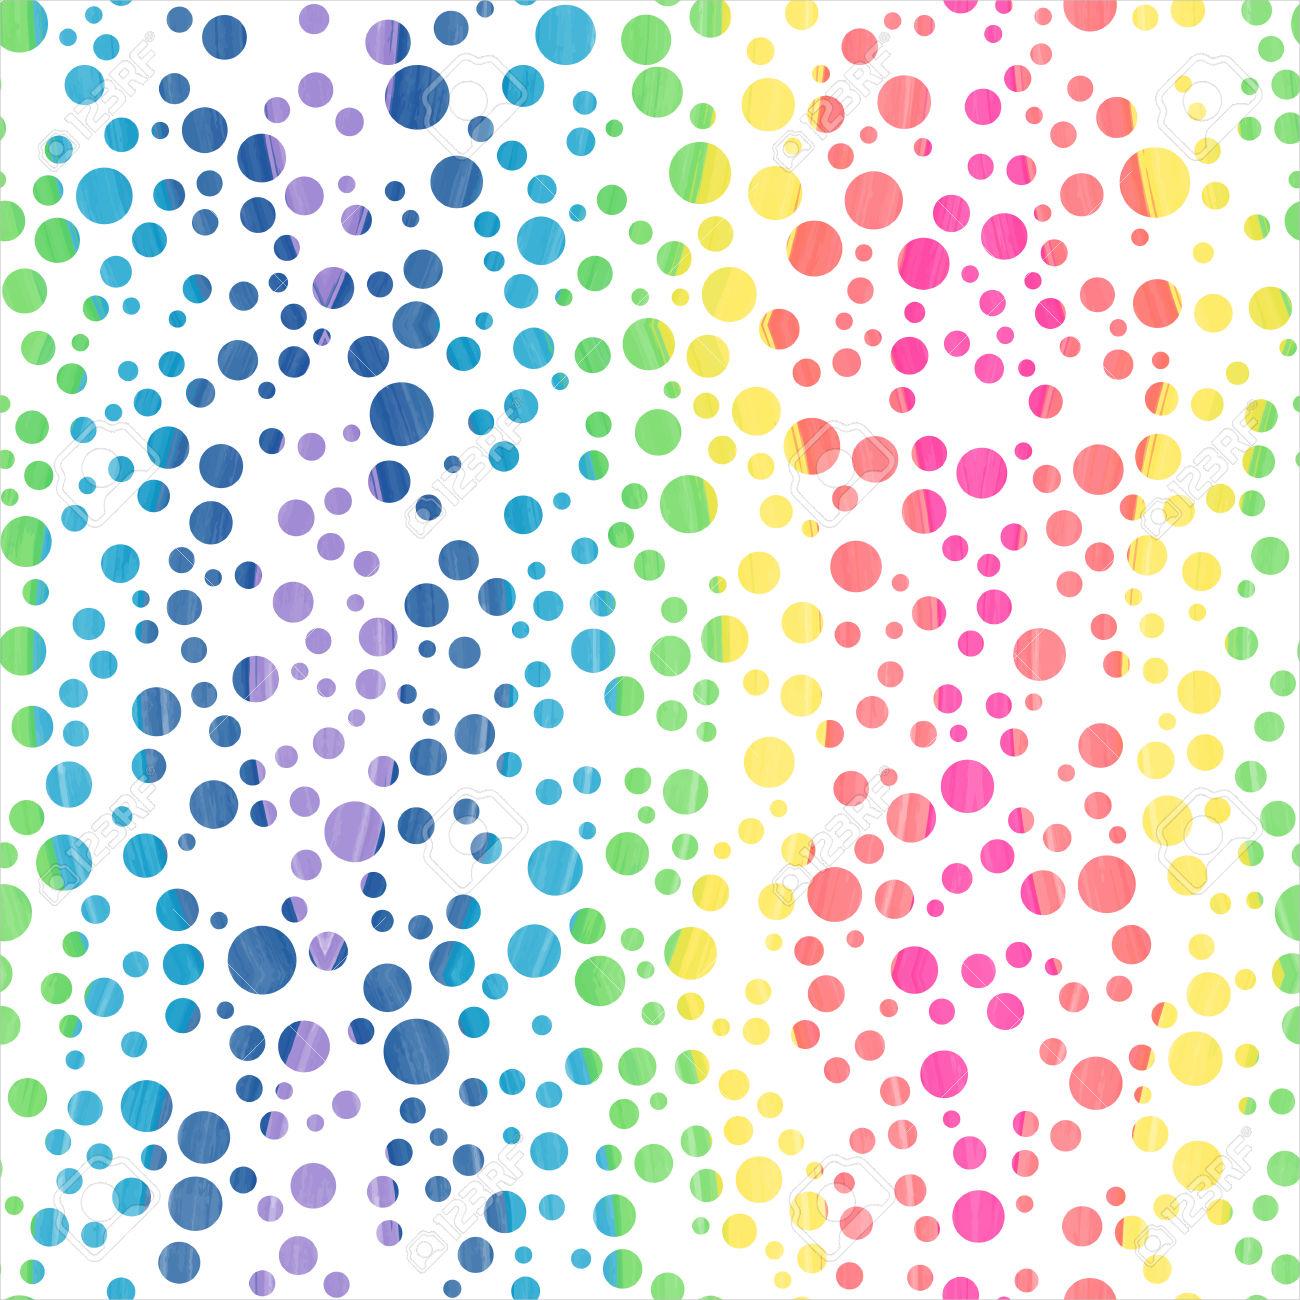 classic polka dot